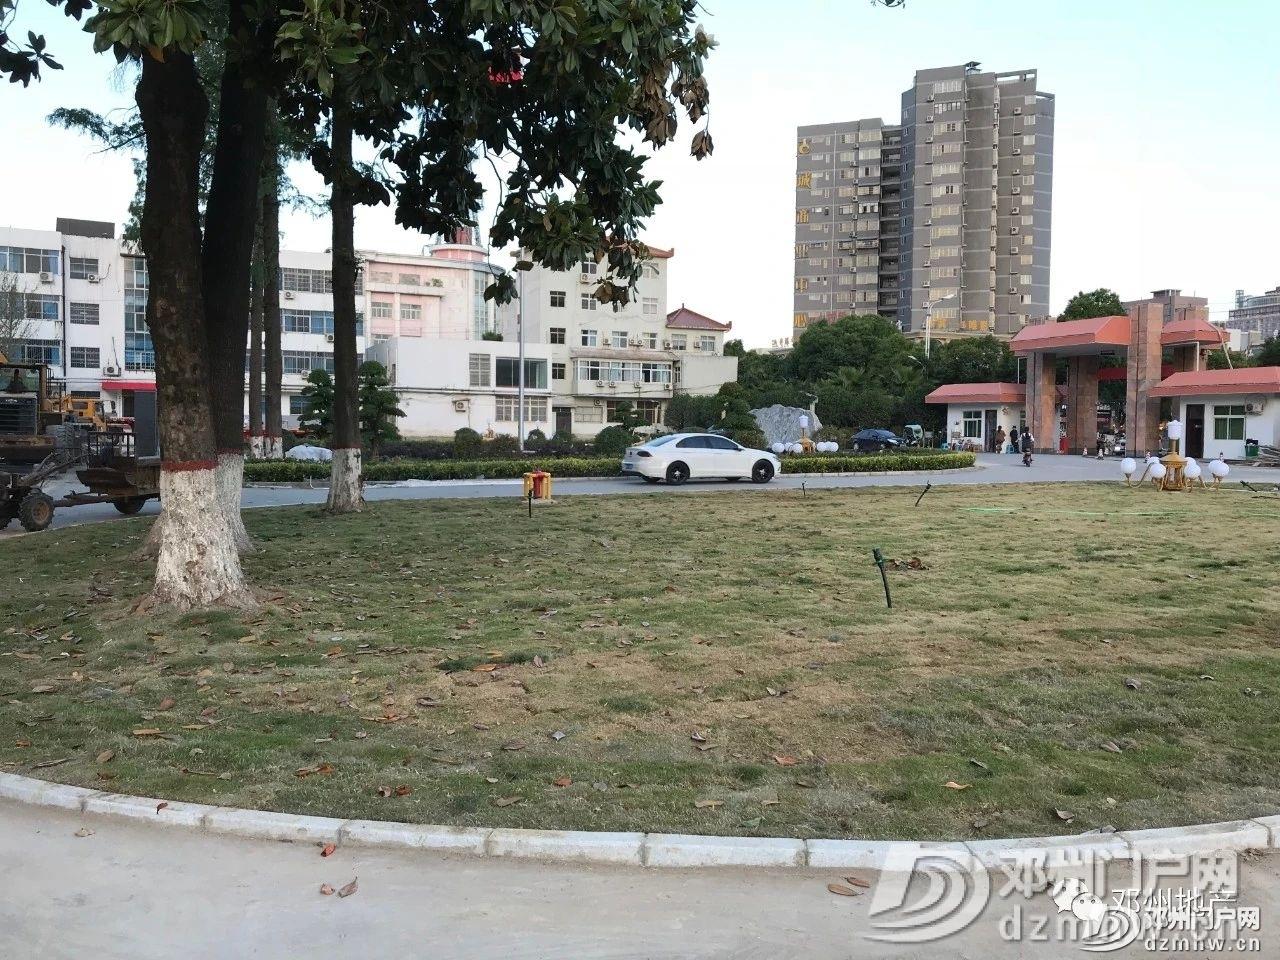 邓州市政府综合办公楼拆除后,变成了这模样…… - 邓州门户网|邓州网 - c0dfc9c18b558600c4beb7f79c13778c.jpg